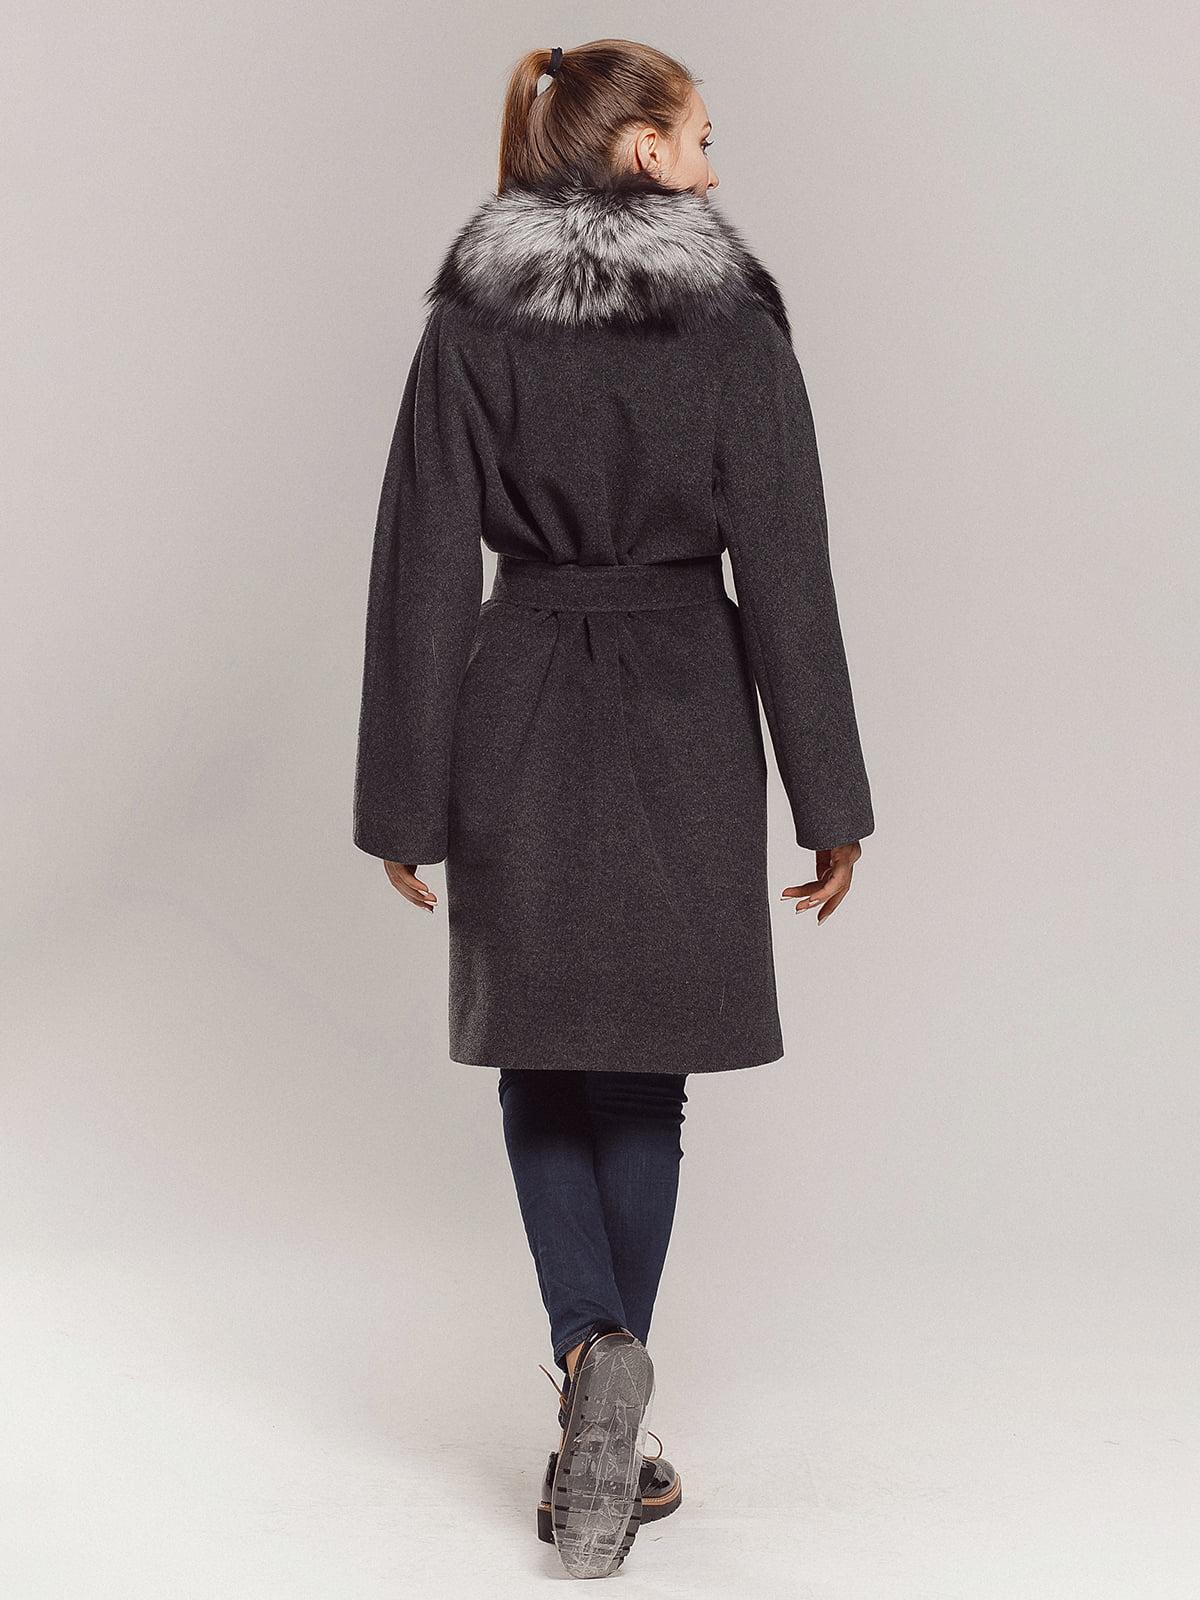 Пальто сіре | 4739366 | фото 4